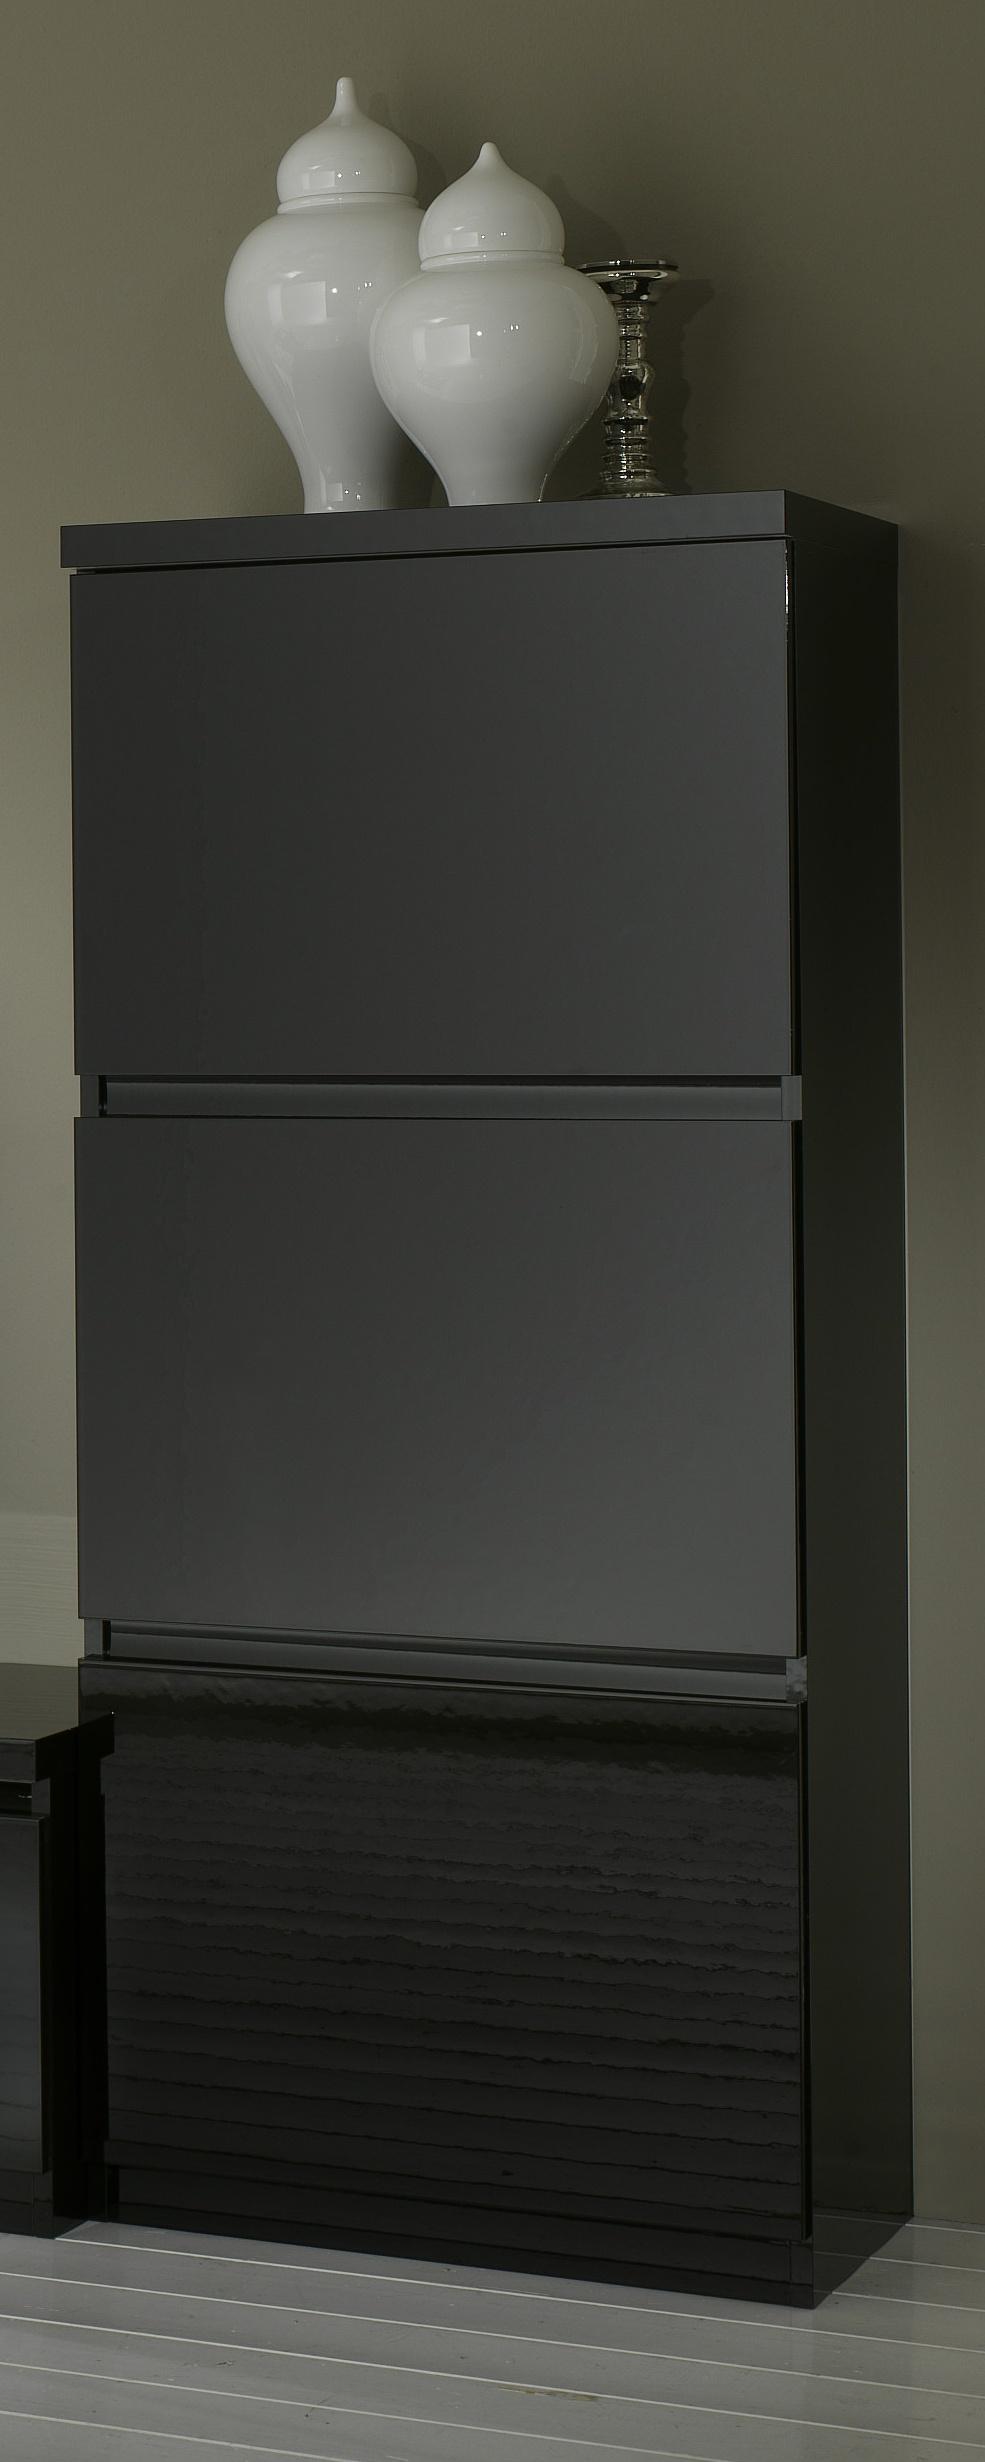 Colonne design 1 porte laquée noire Solene